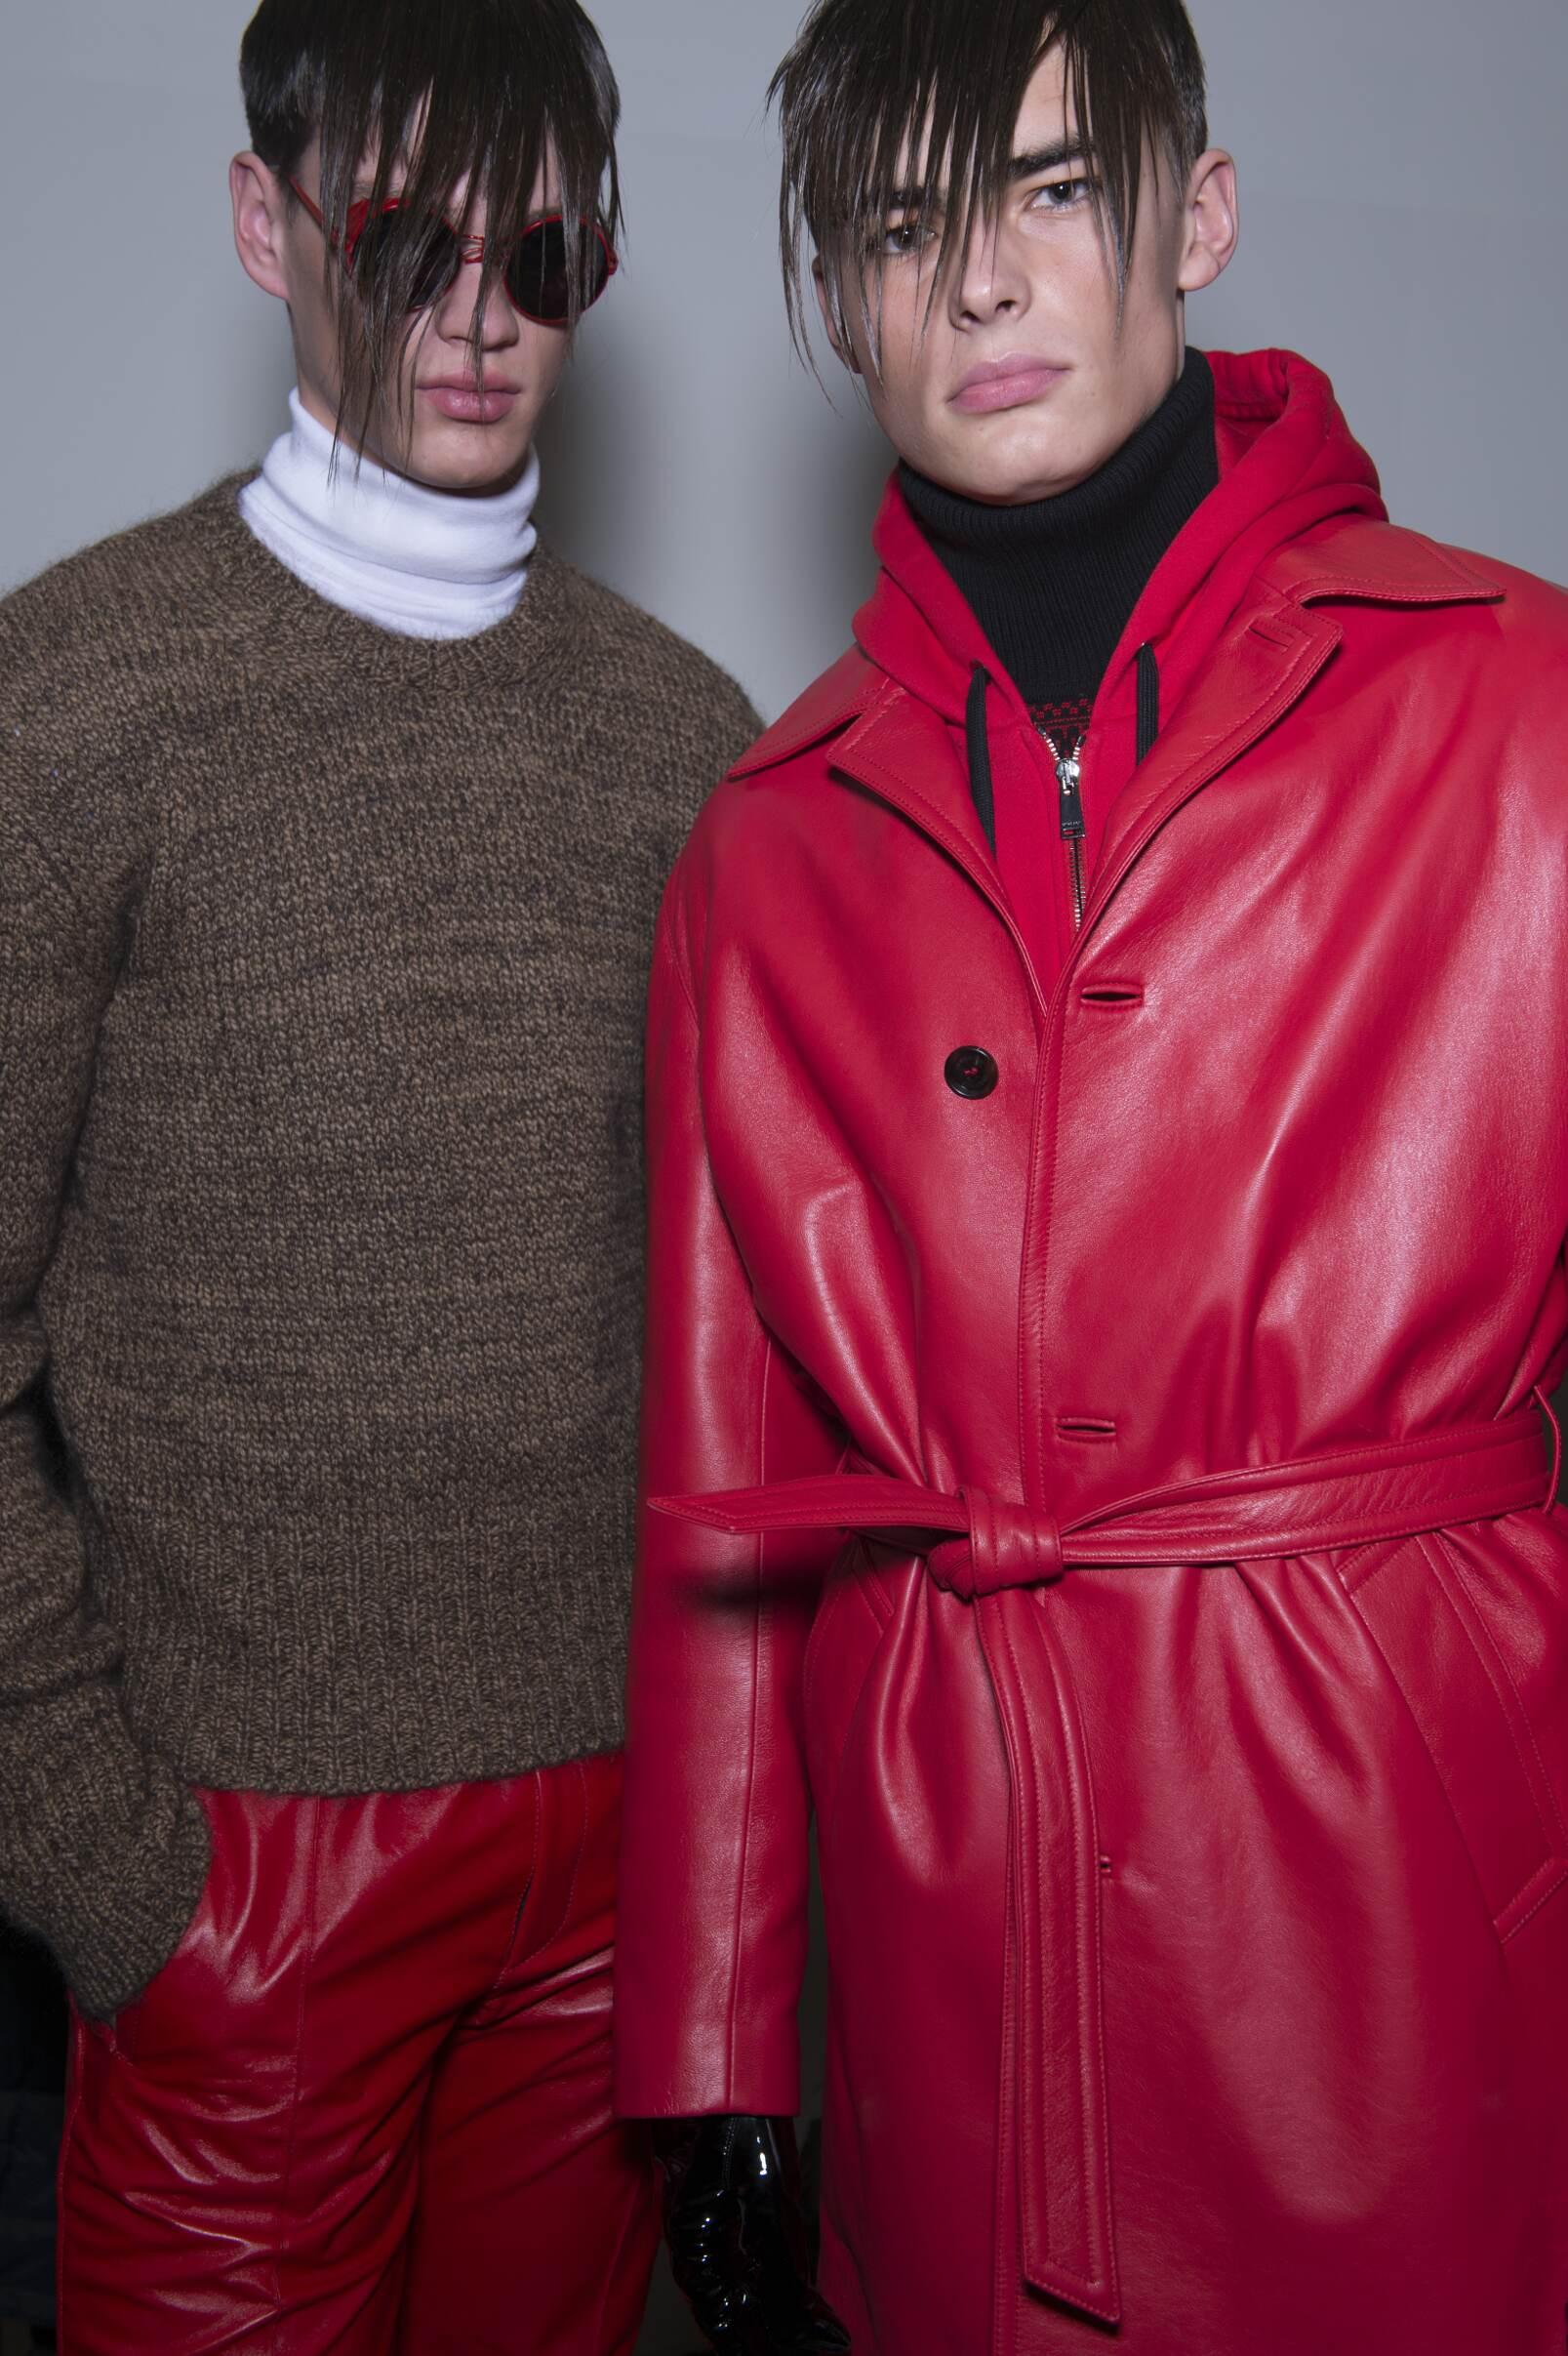 Versace Backstage Fashion Show Models Portrait